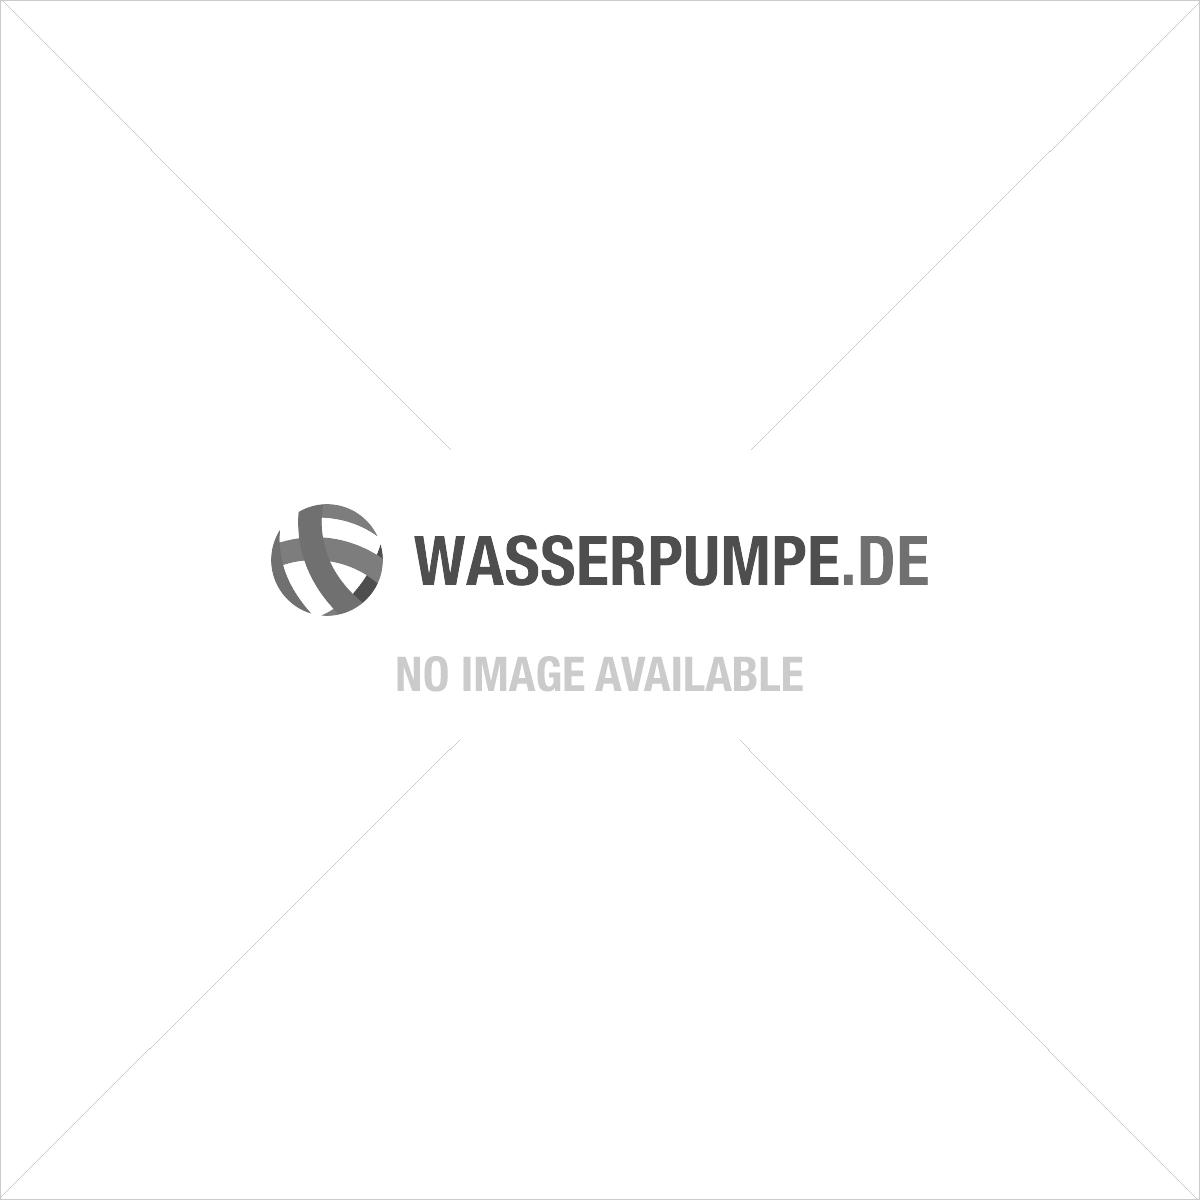 """Vorfilter Messing gegen Sand und Feststoffe - 1 ¼"""""""